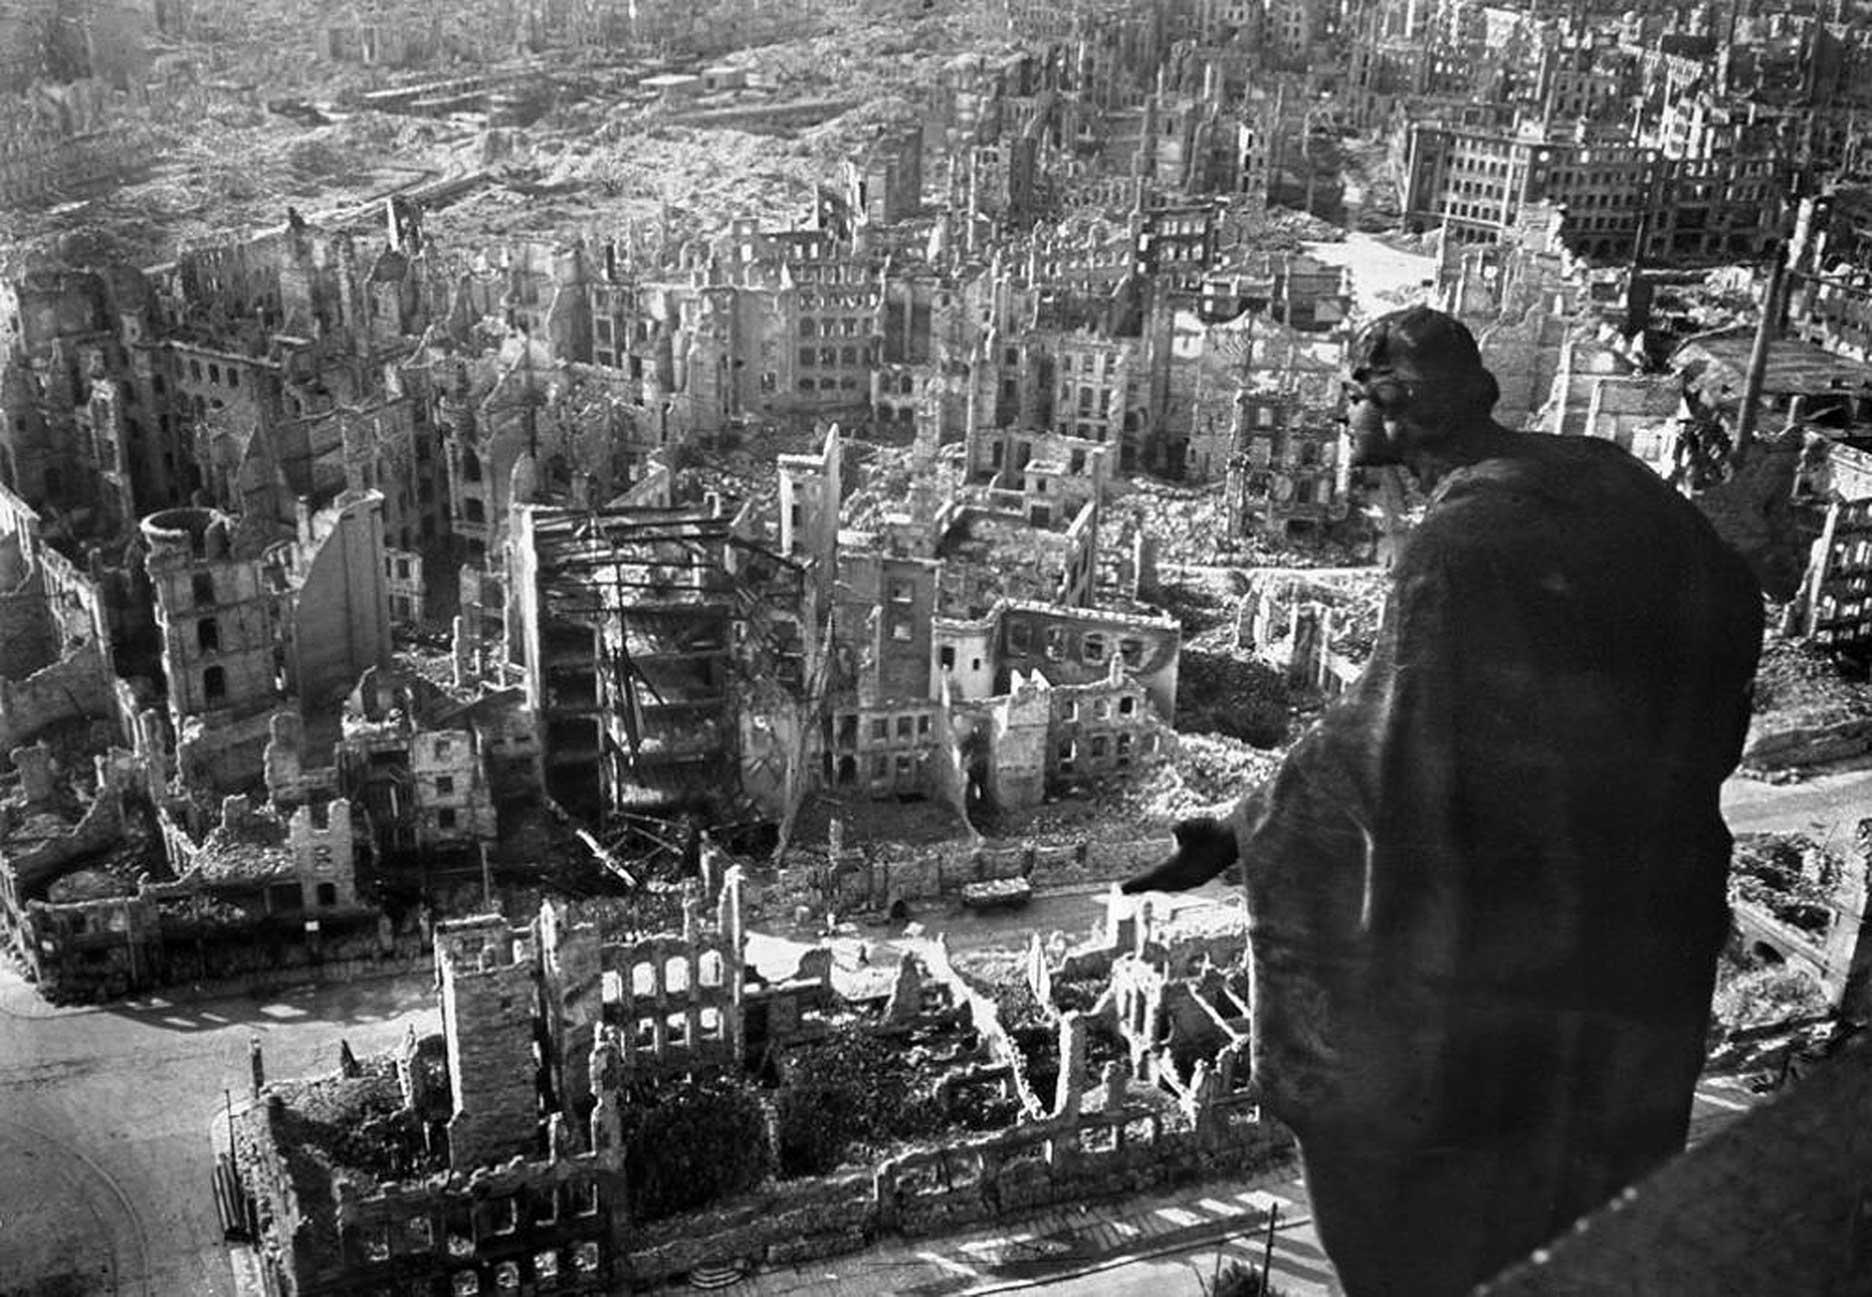 Dresden - World War II